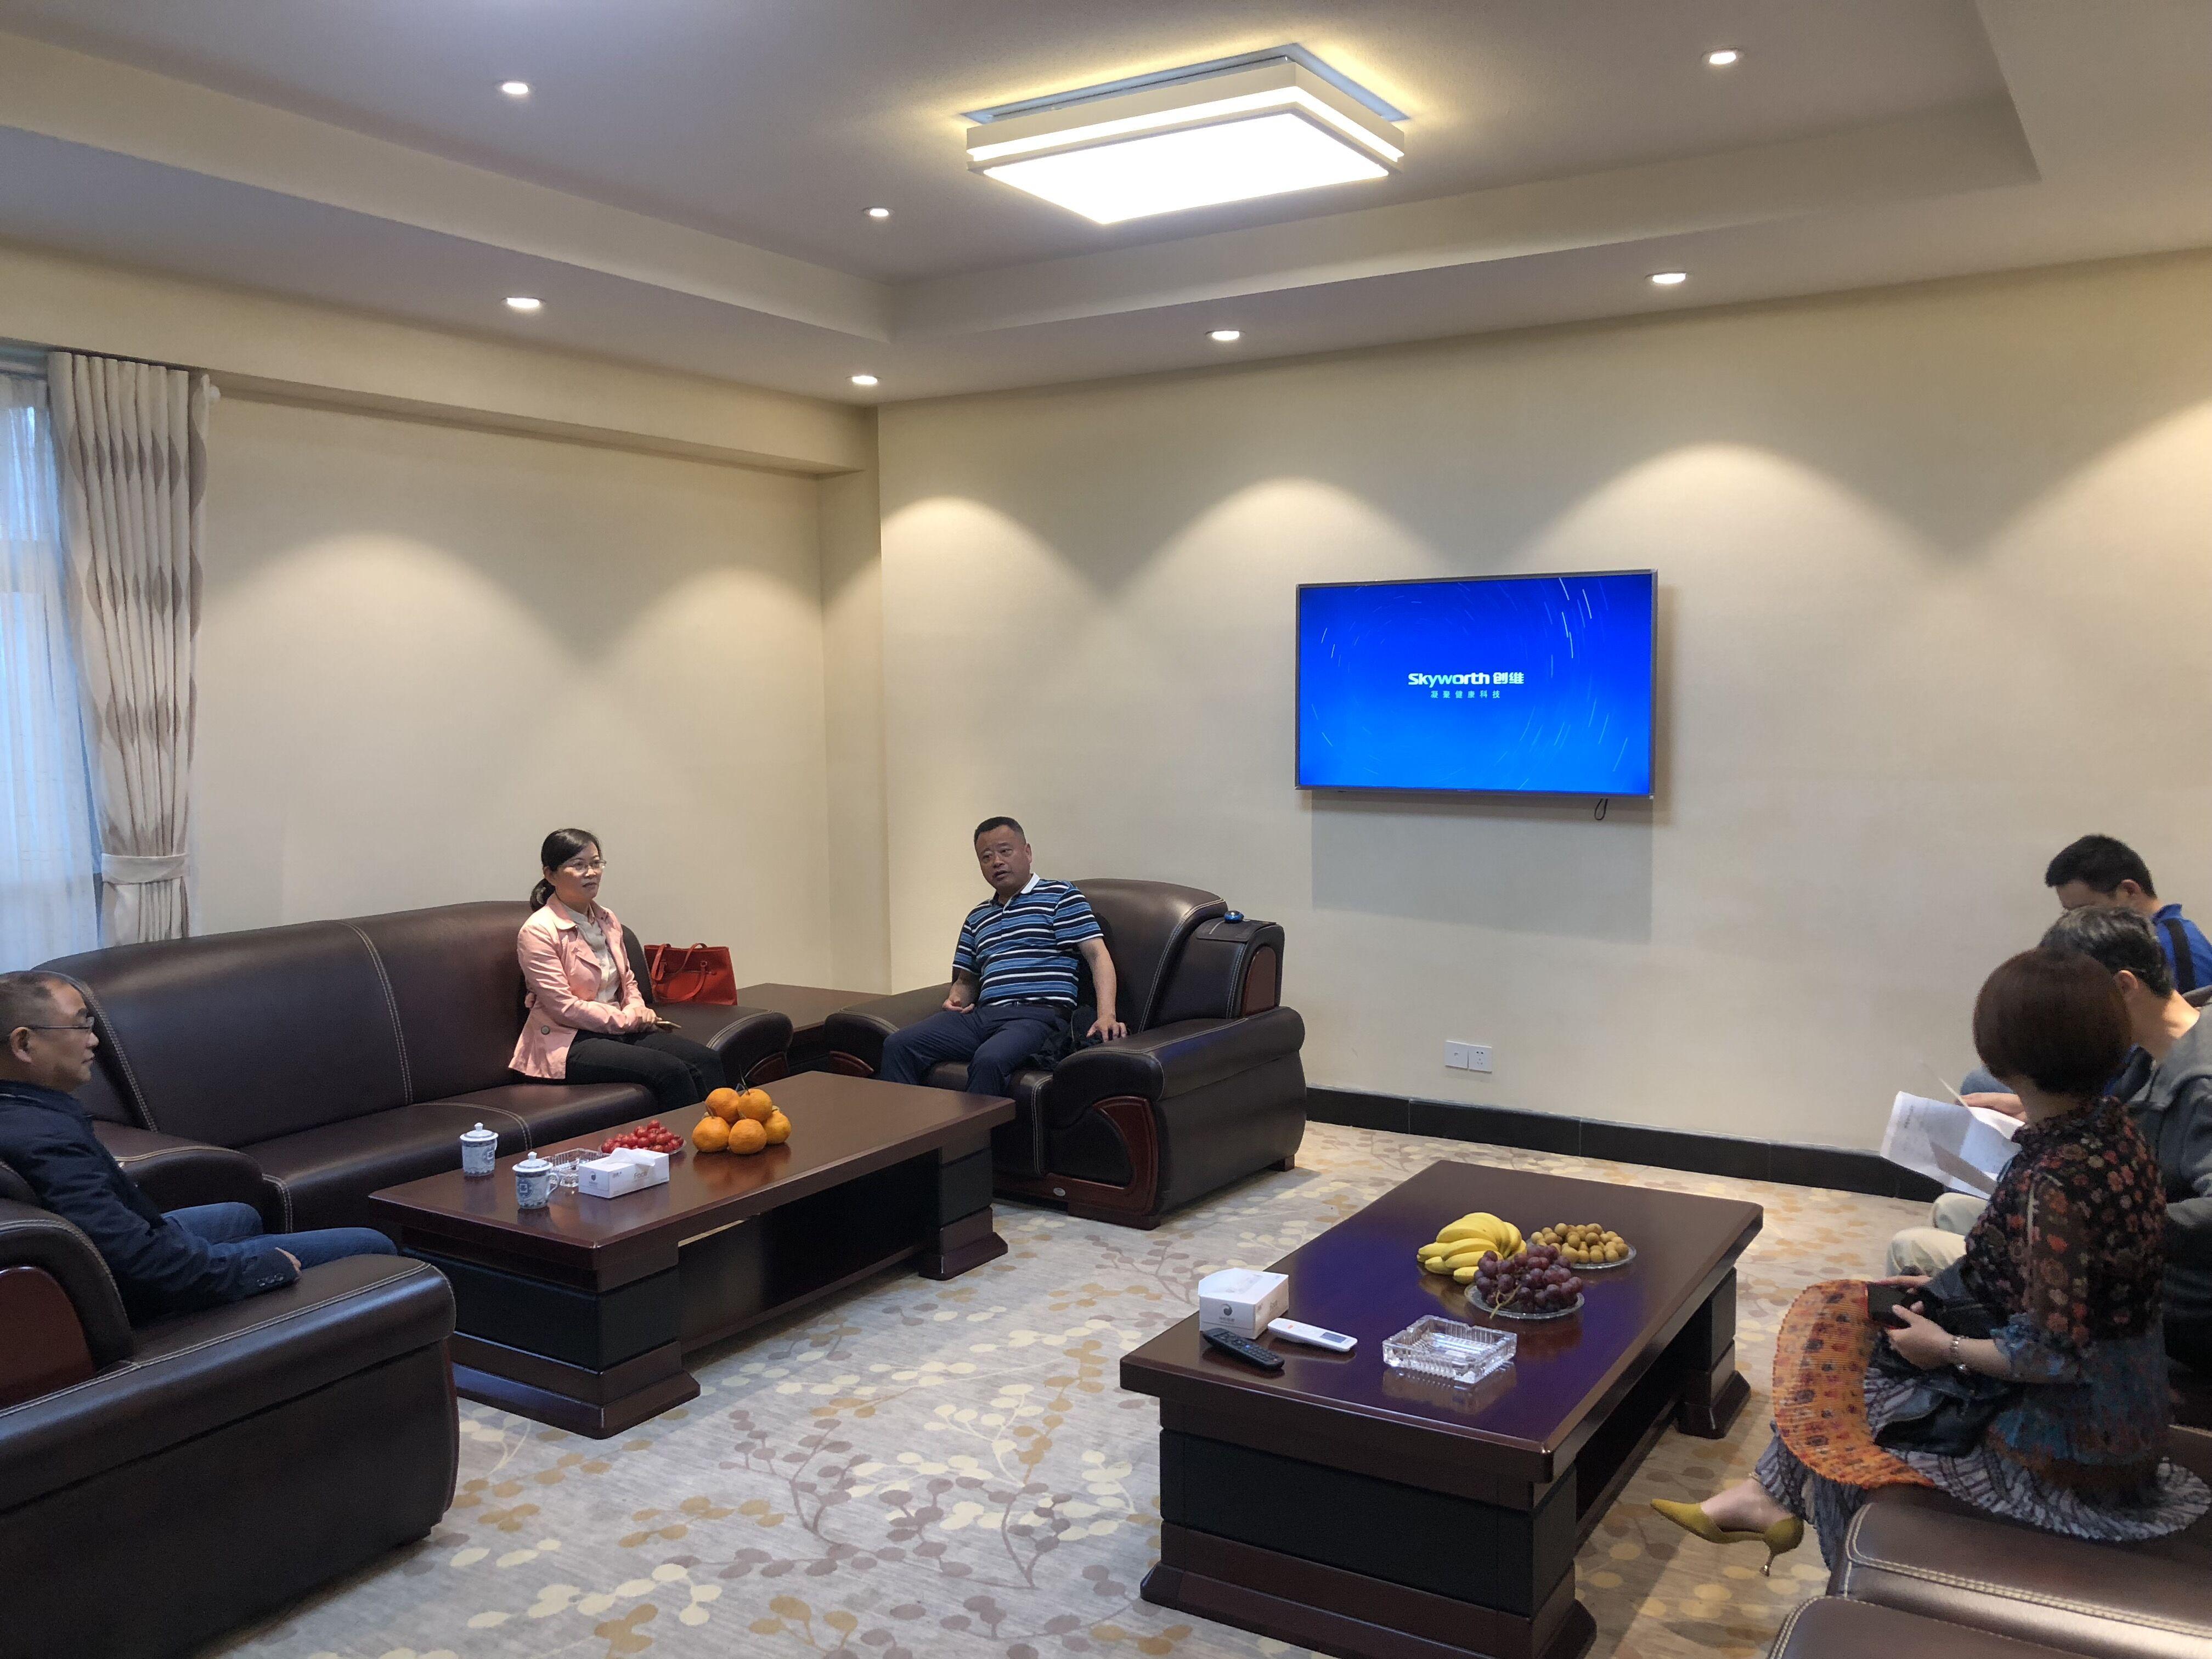 省建设干部学校组织相关专家对黄山市建设教育考核中心机房进行验收